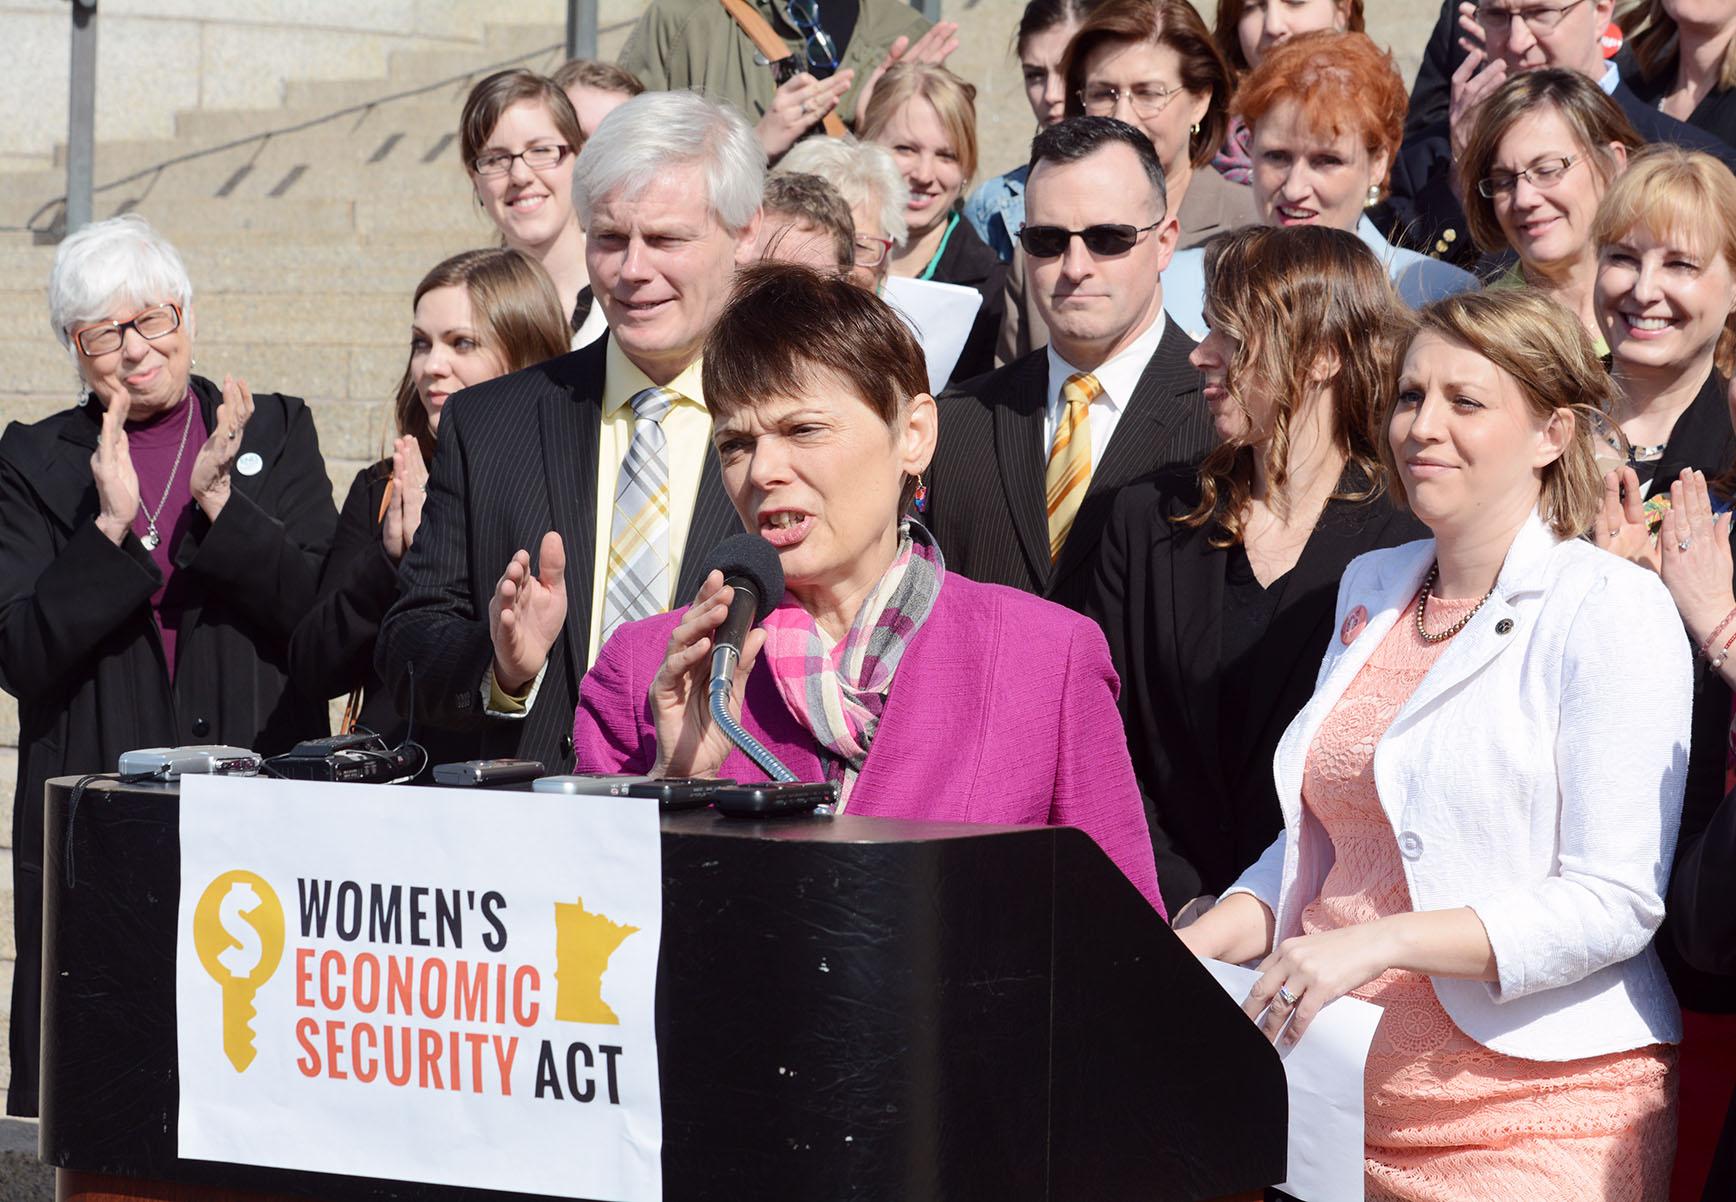 Sandy passed the landmark Women's Economic Security Act